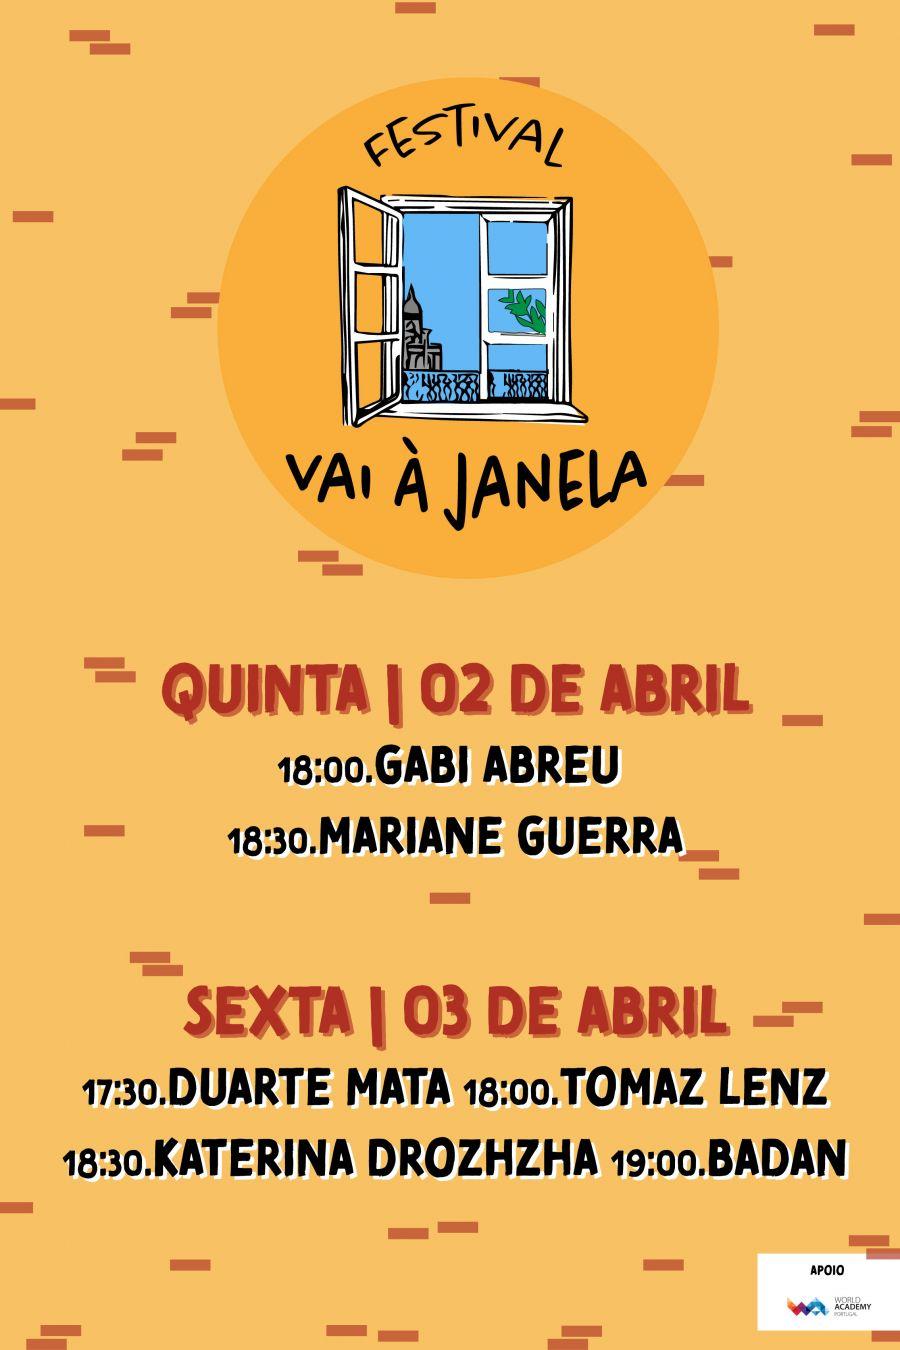 Festival Vai à Janela